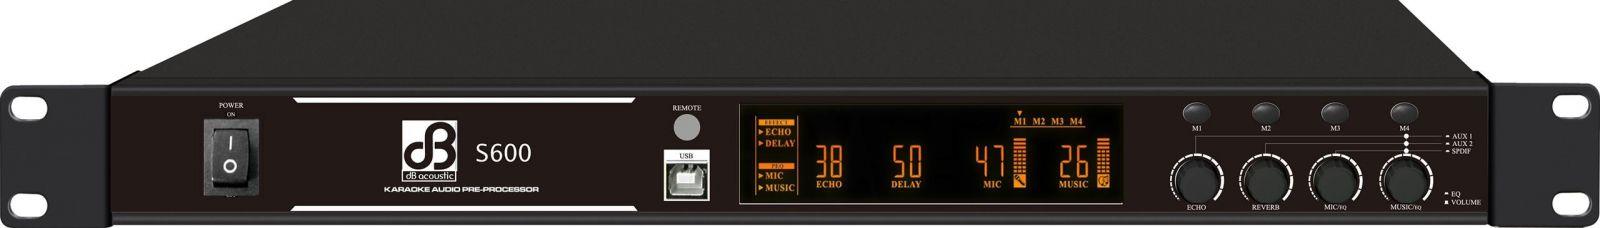 Vang số dB acoustic S600